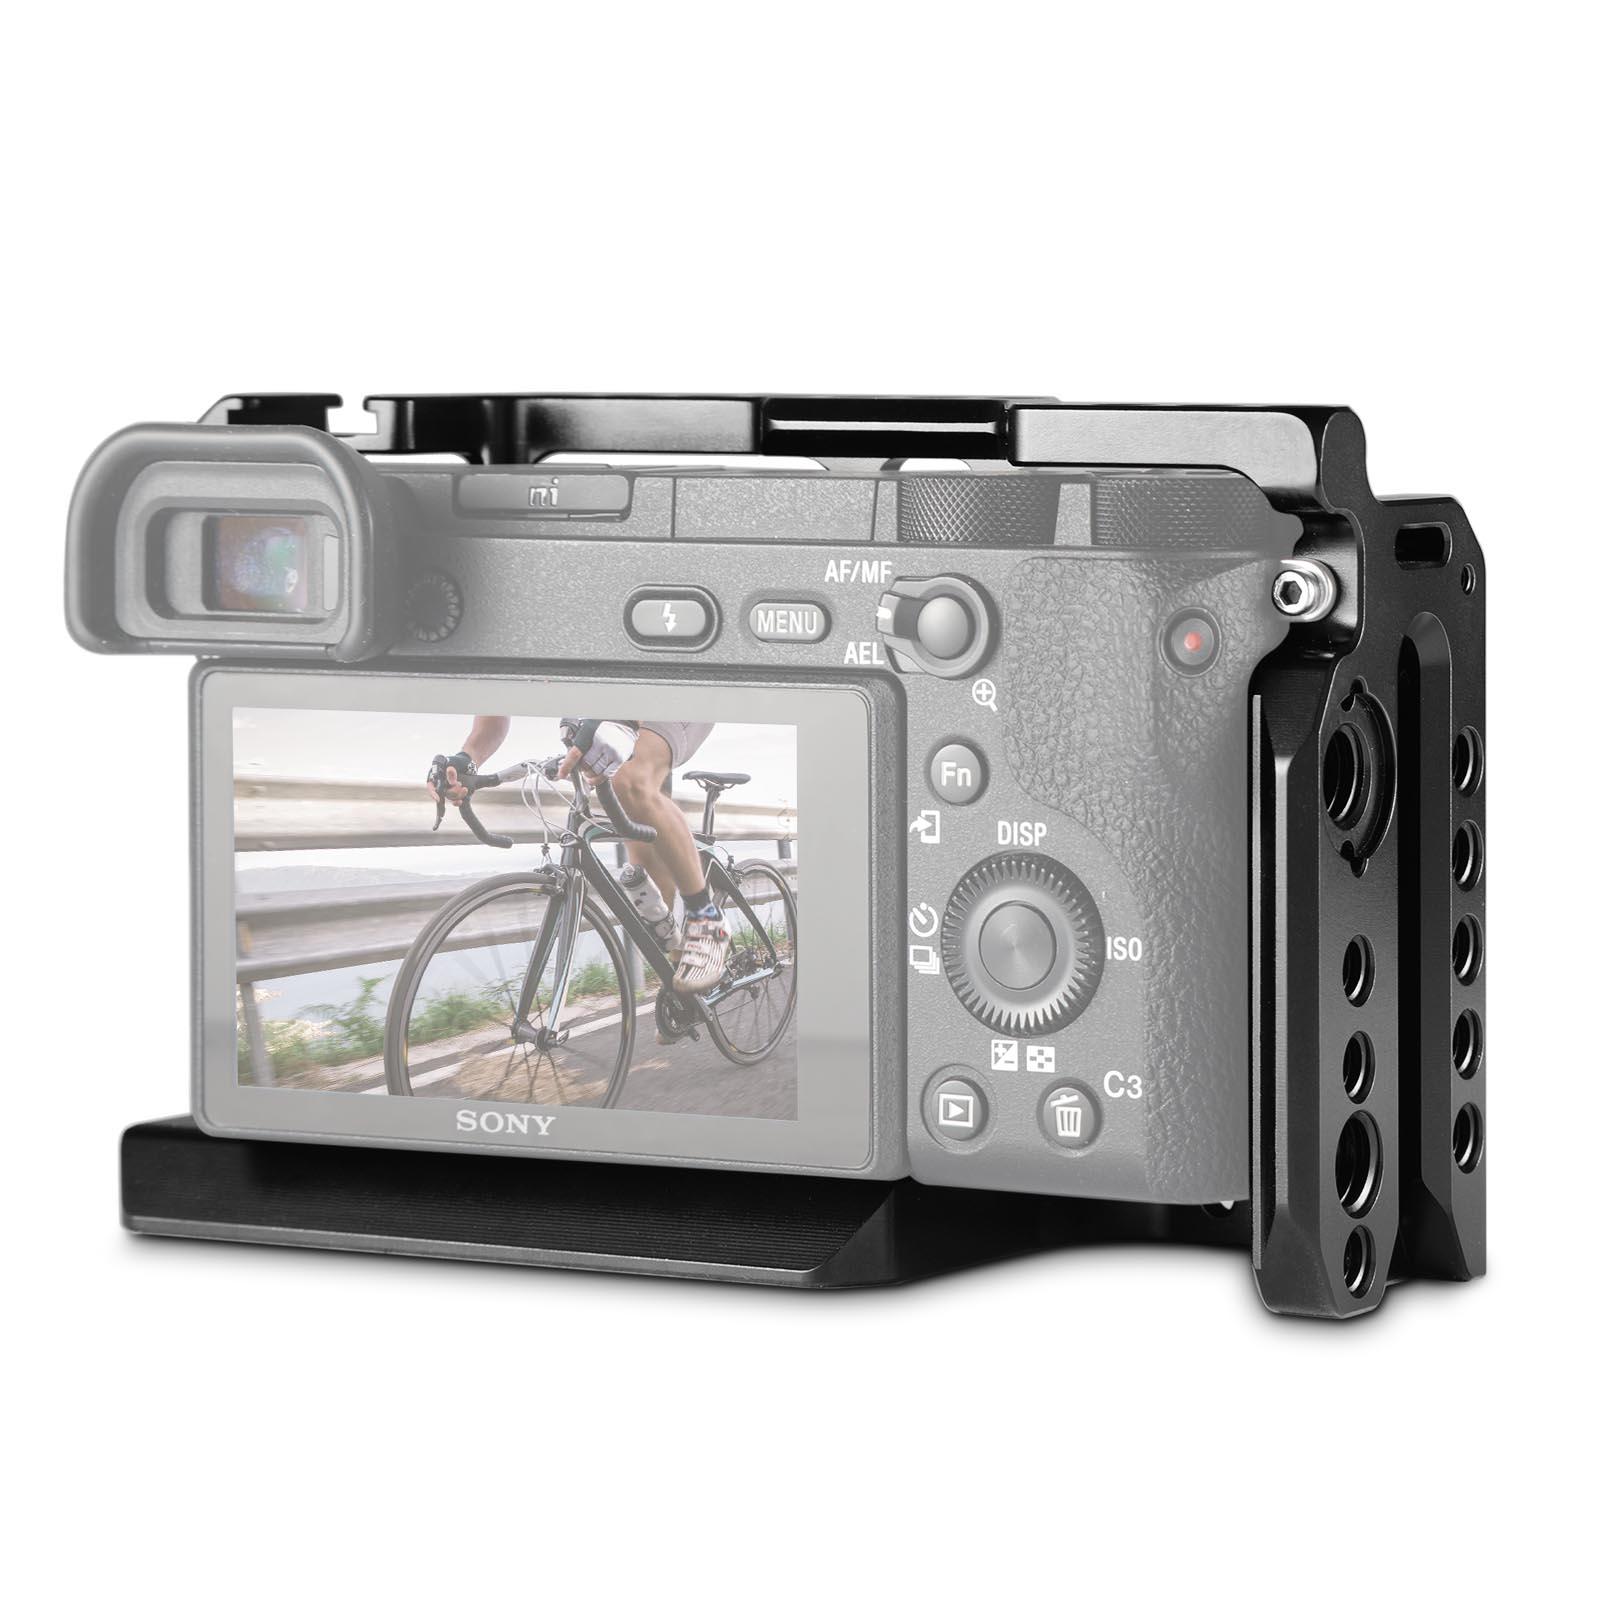 SmallRig Dslr კამერის გაყალბება Sony - კამერა და ფოტო - ფოტო 3